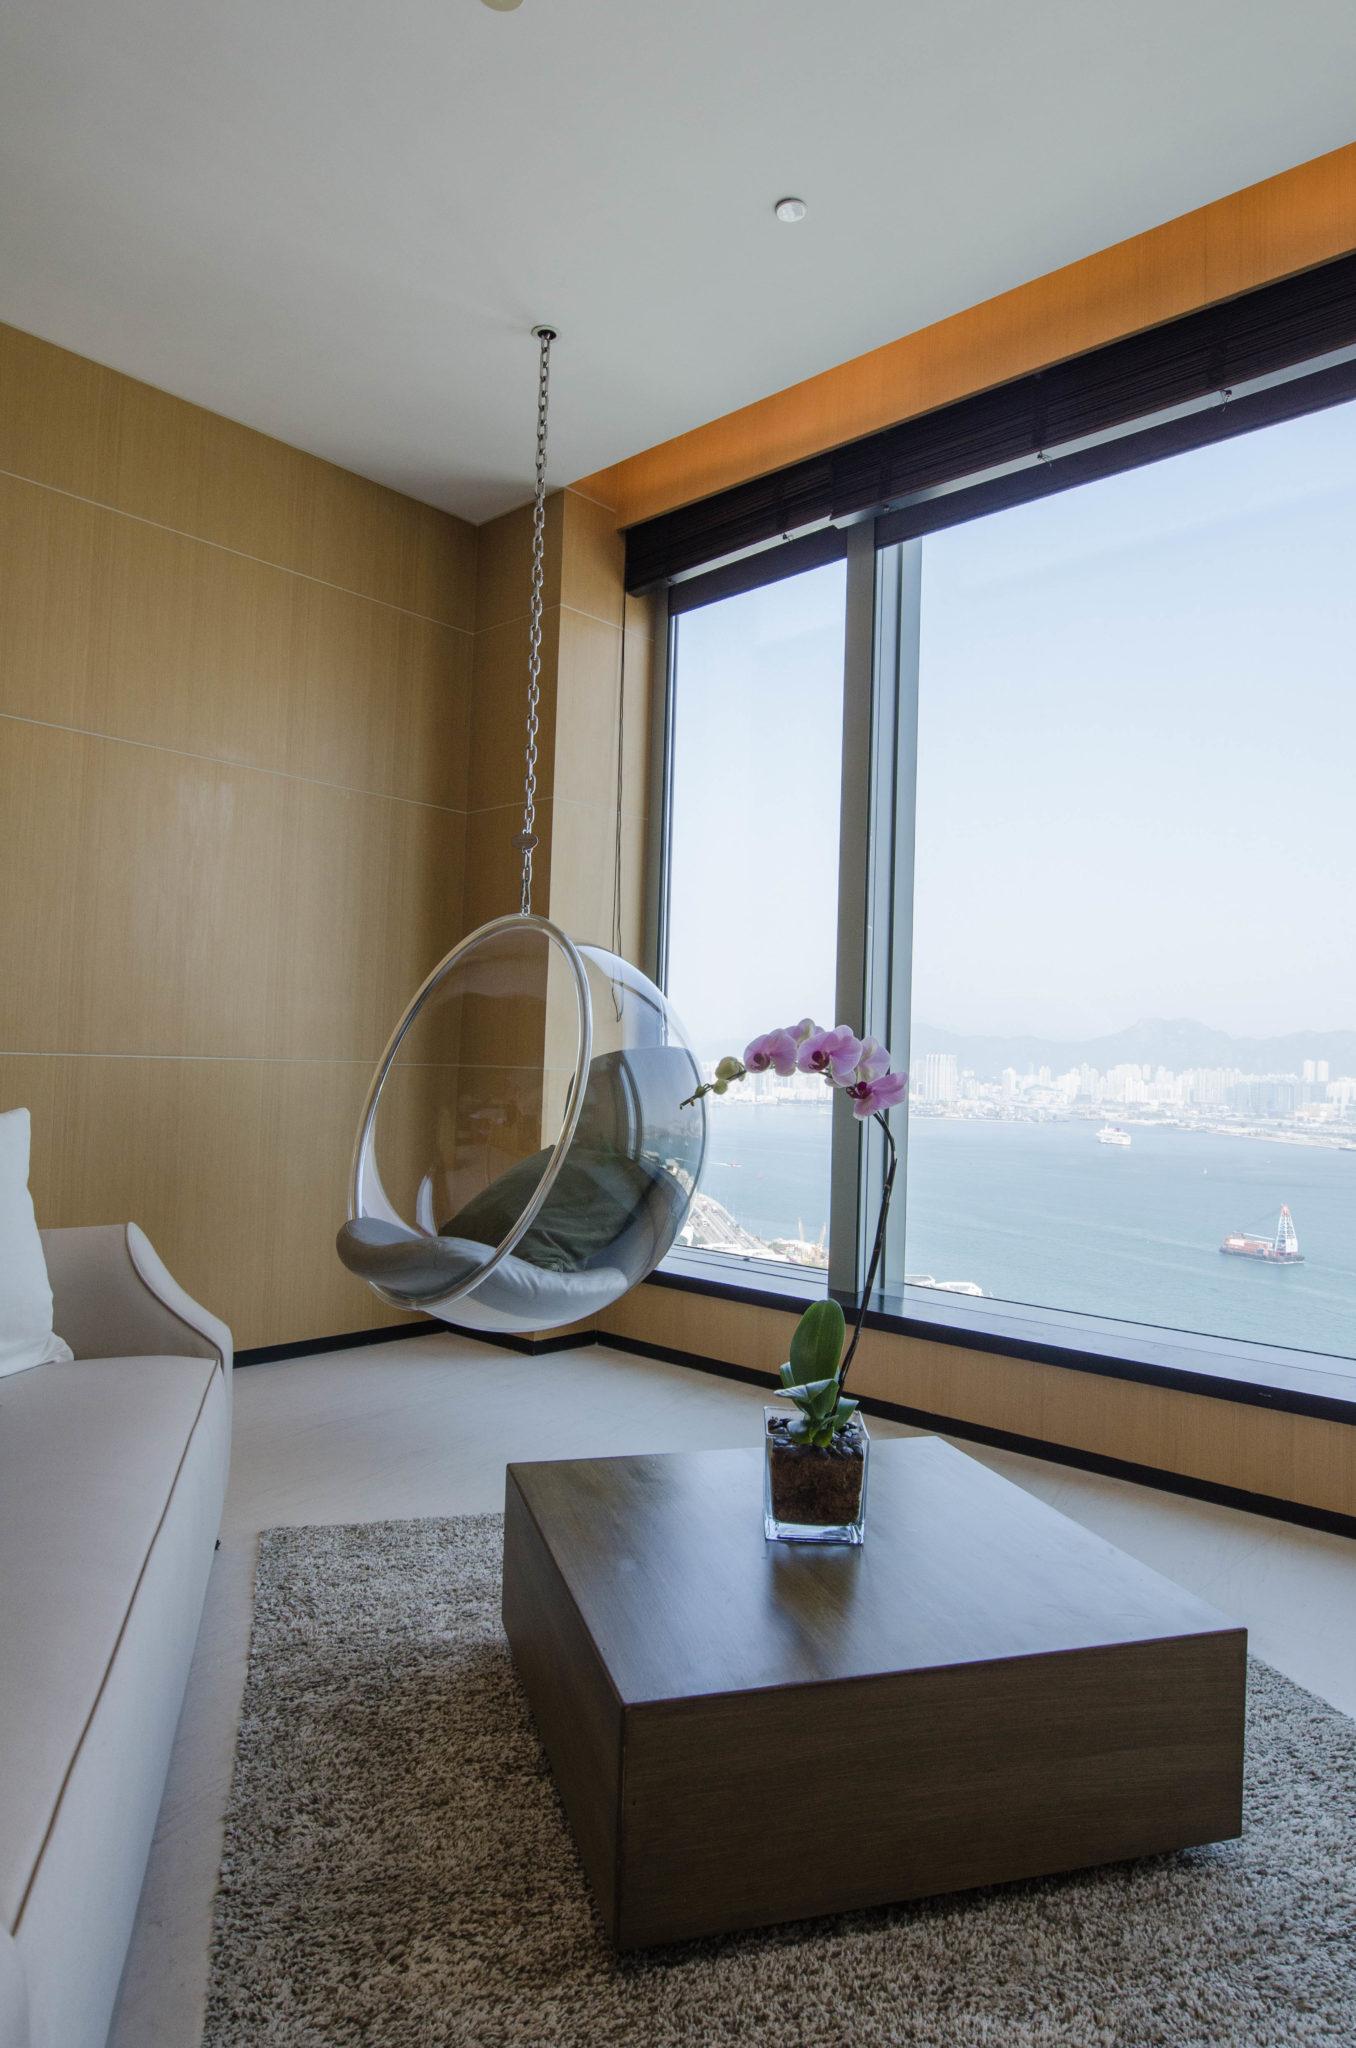 Die Suite im Hotel EAST Hong Kong